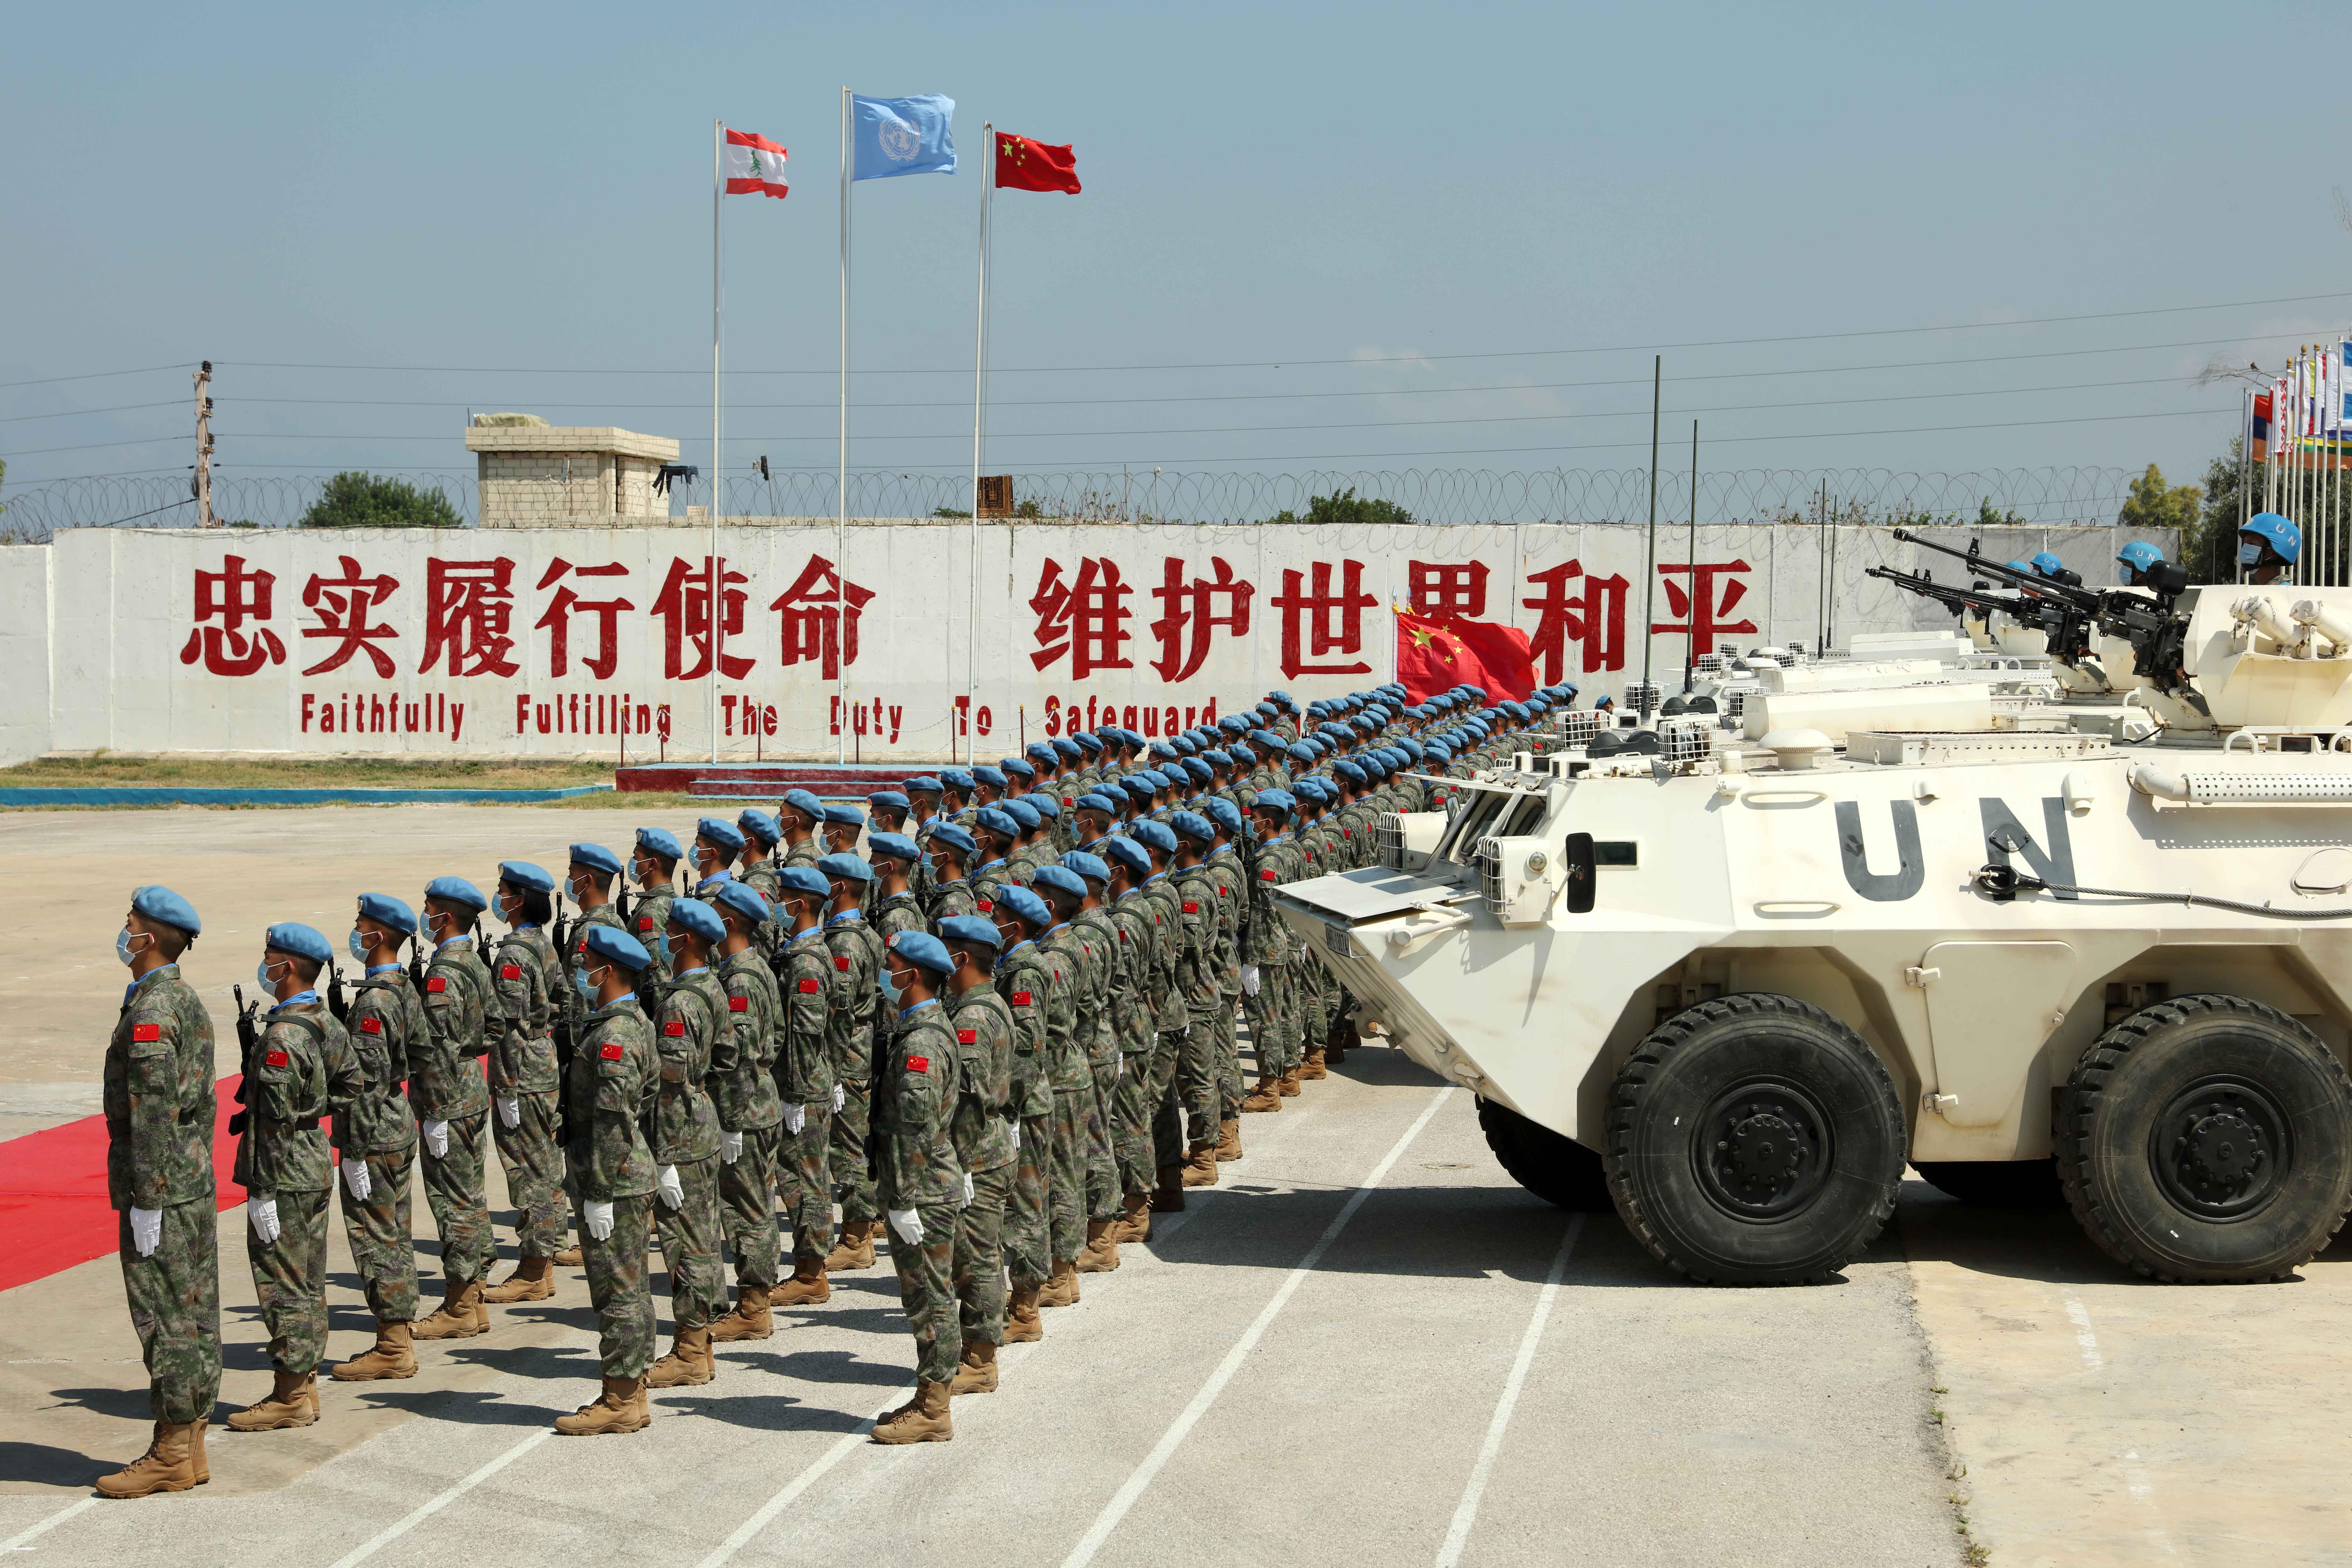 中国赴黎巴嫩维和部队参加贝鲁特大爆炸后清理重建